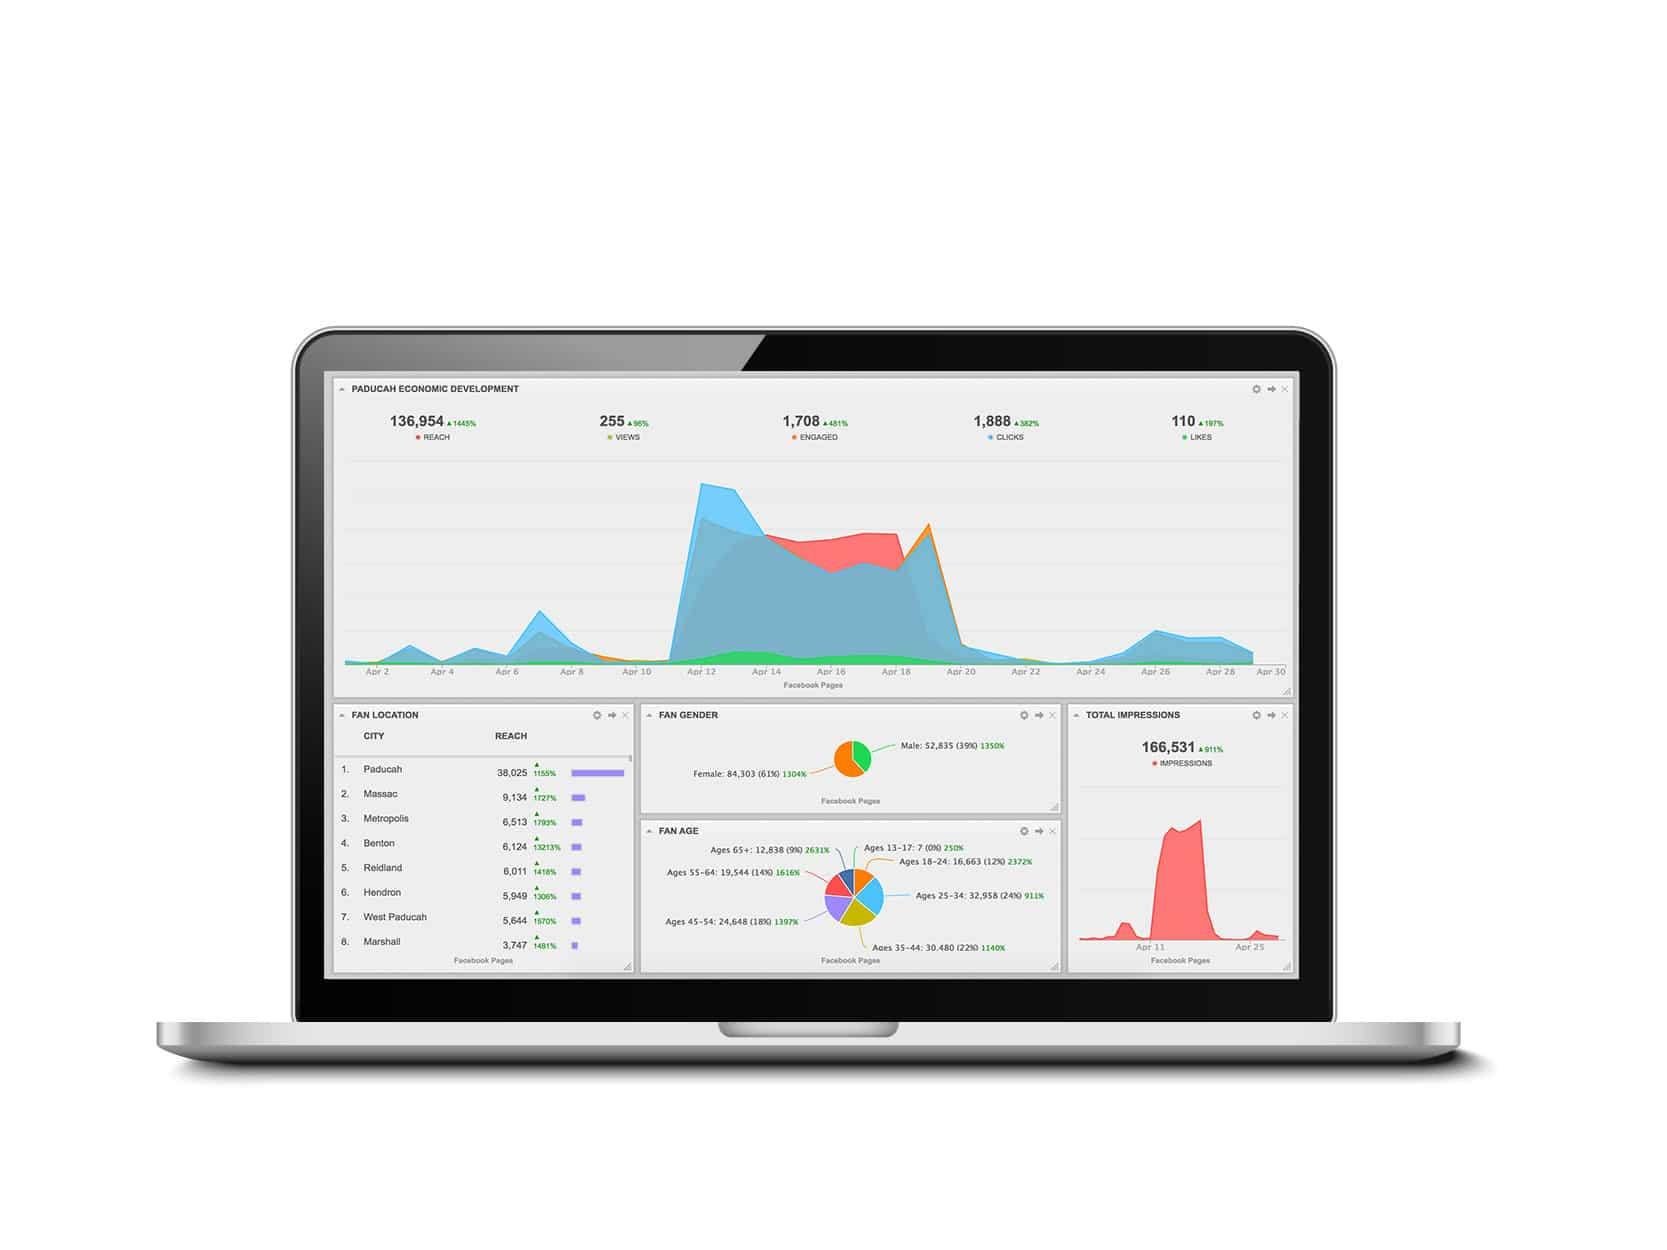 Social Media Management Analytics